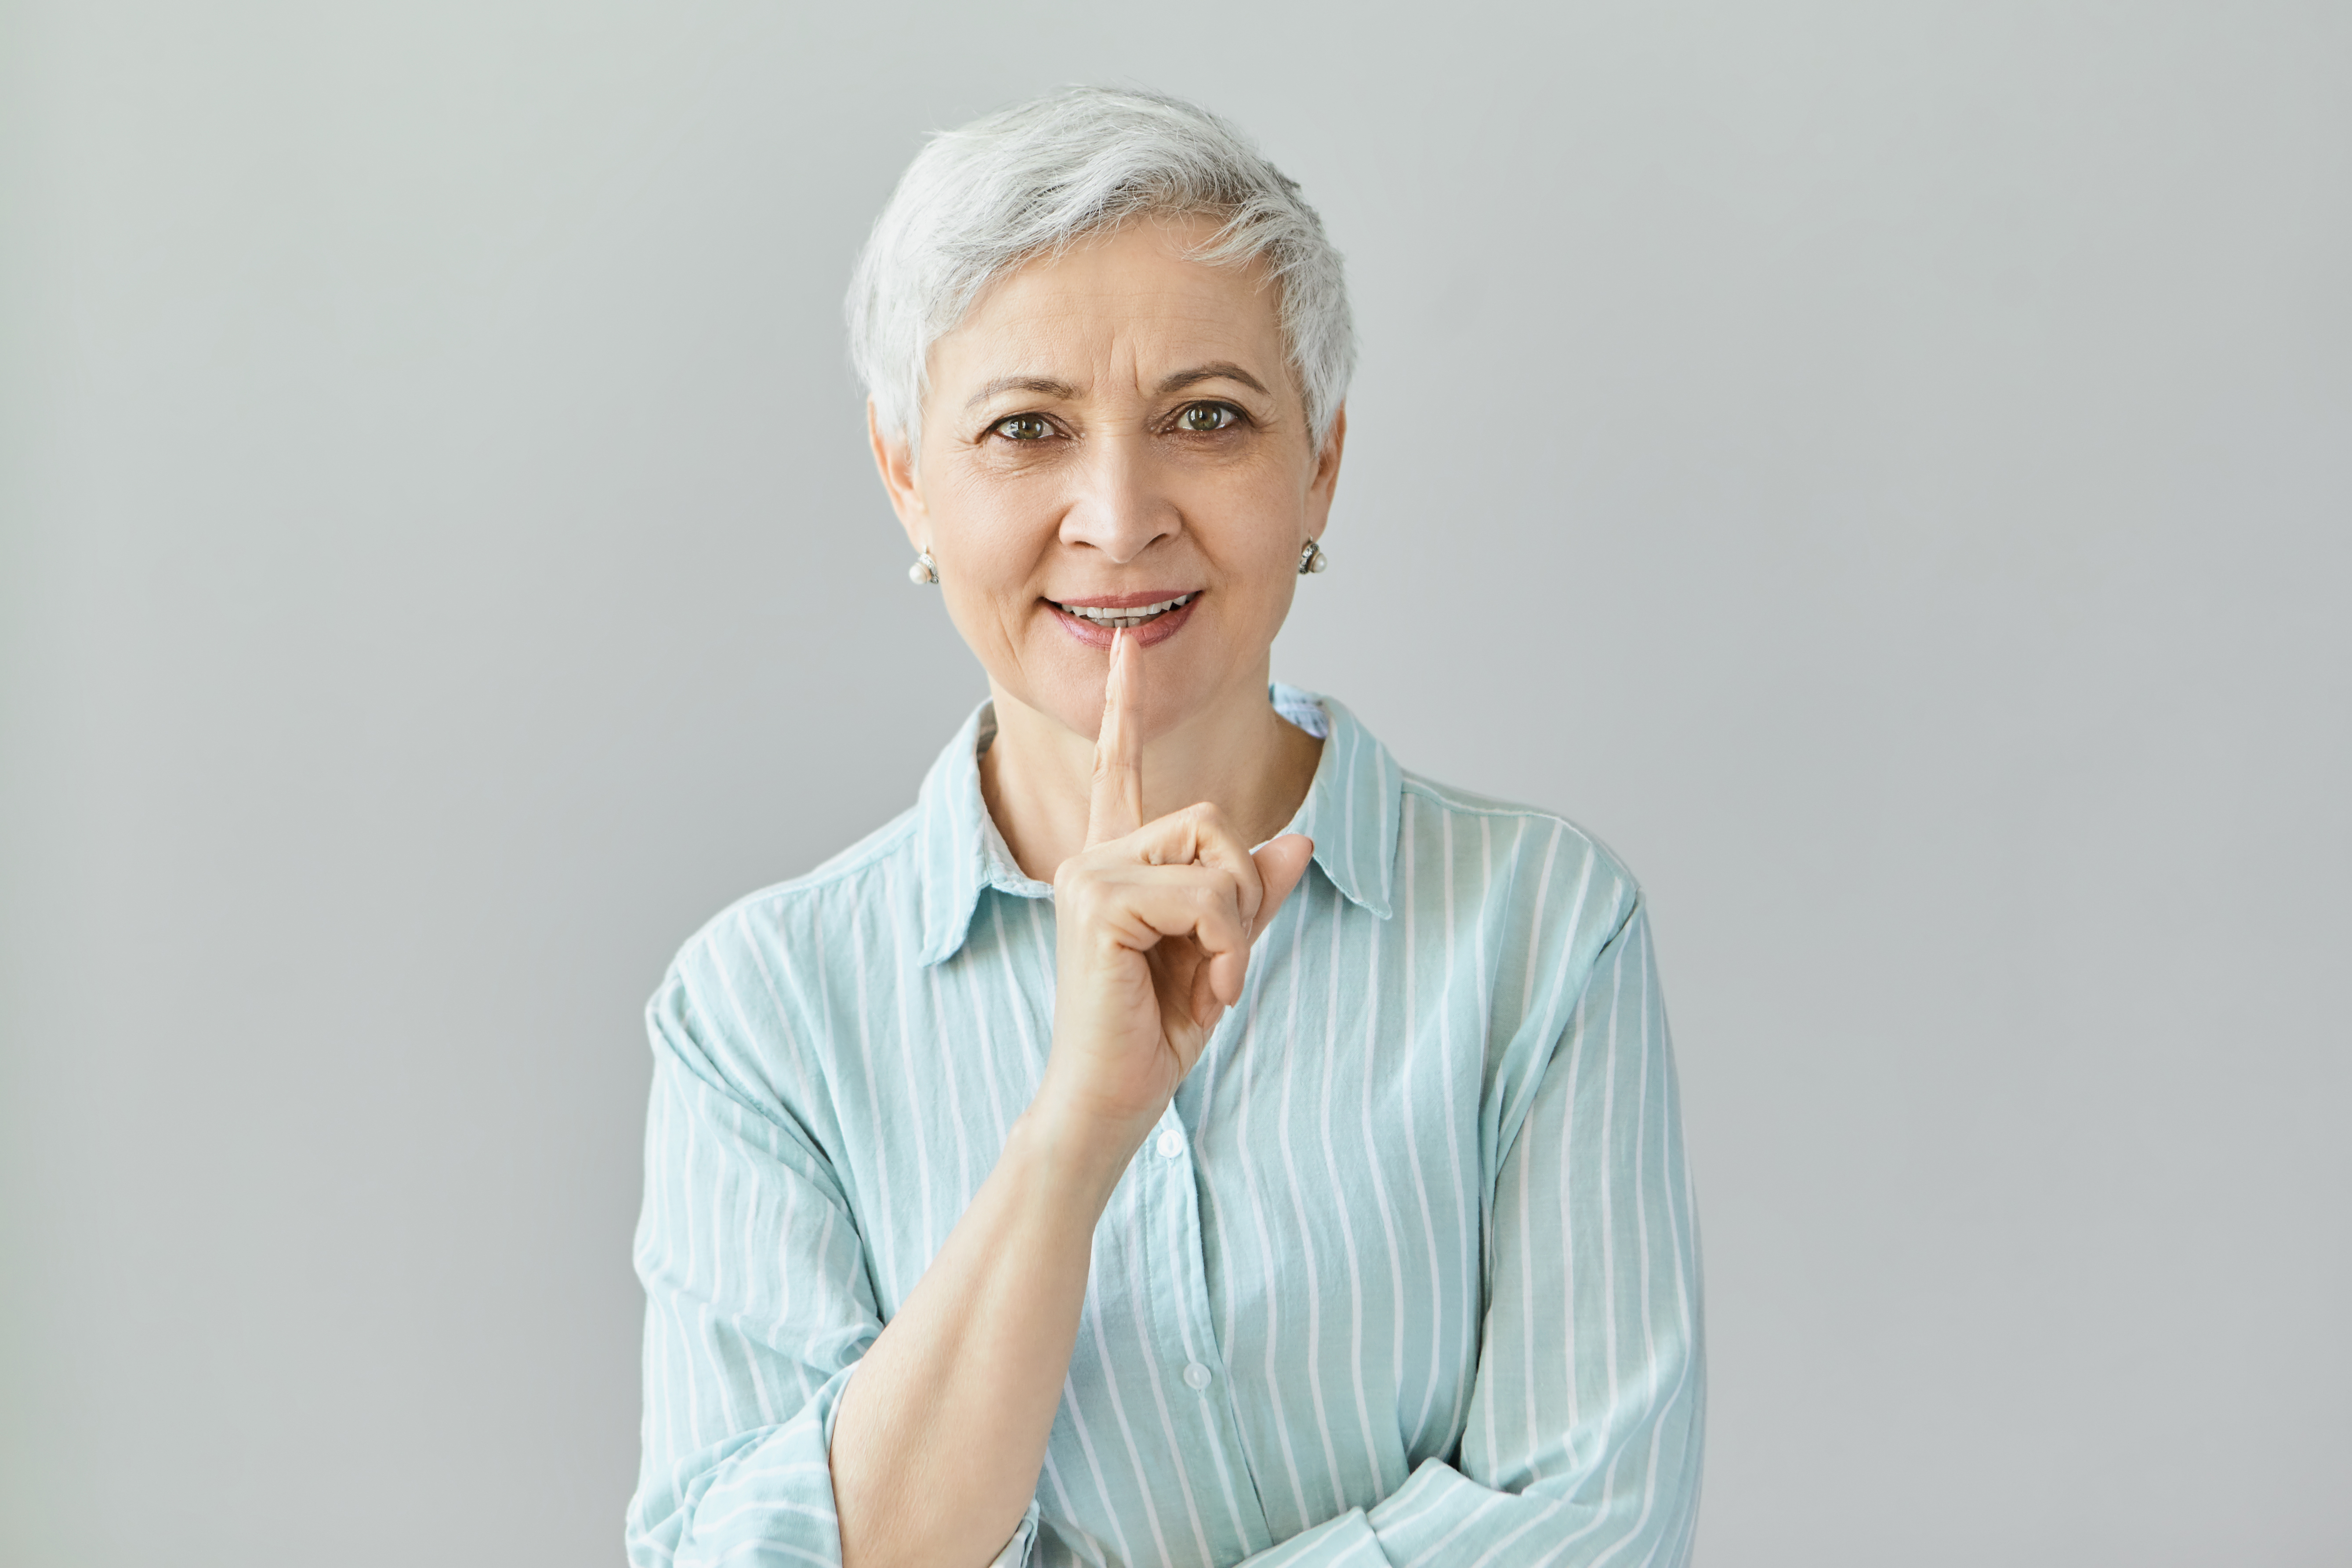 La mejor rutina de cuidado de la piel a los 60 años